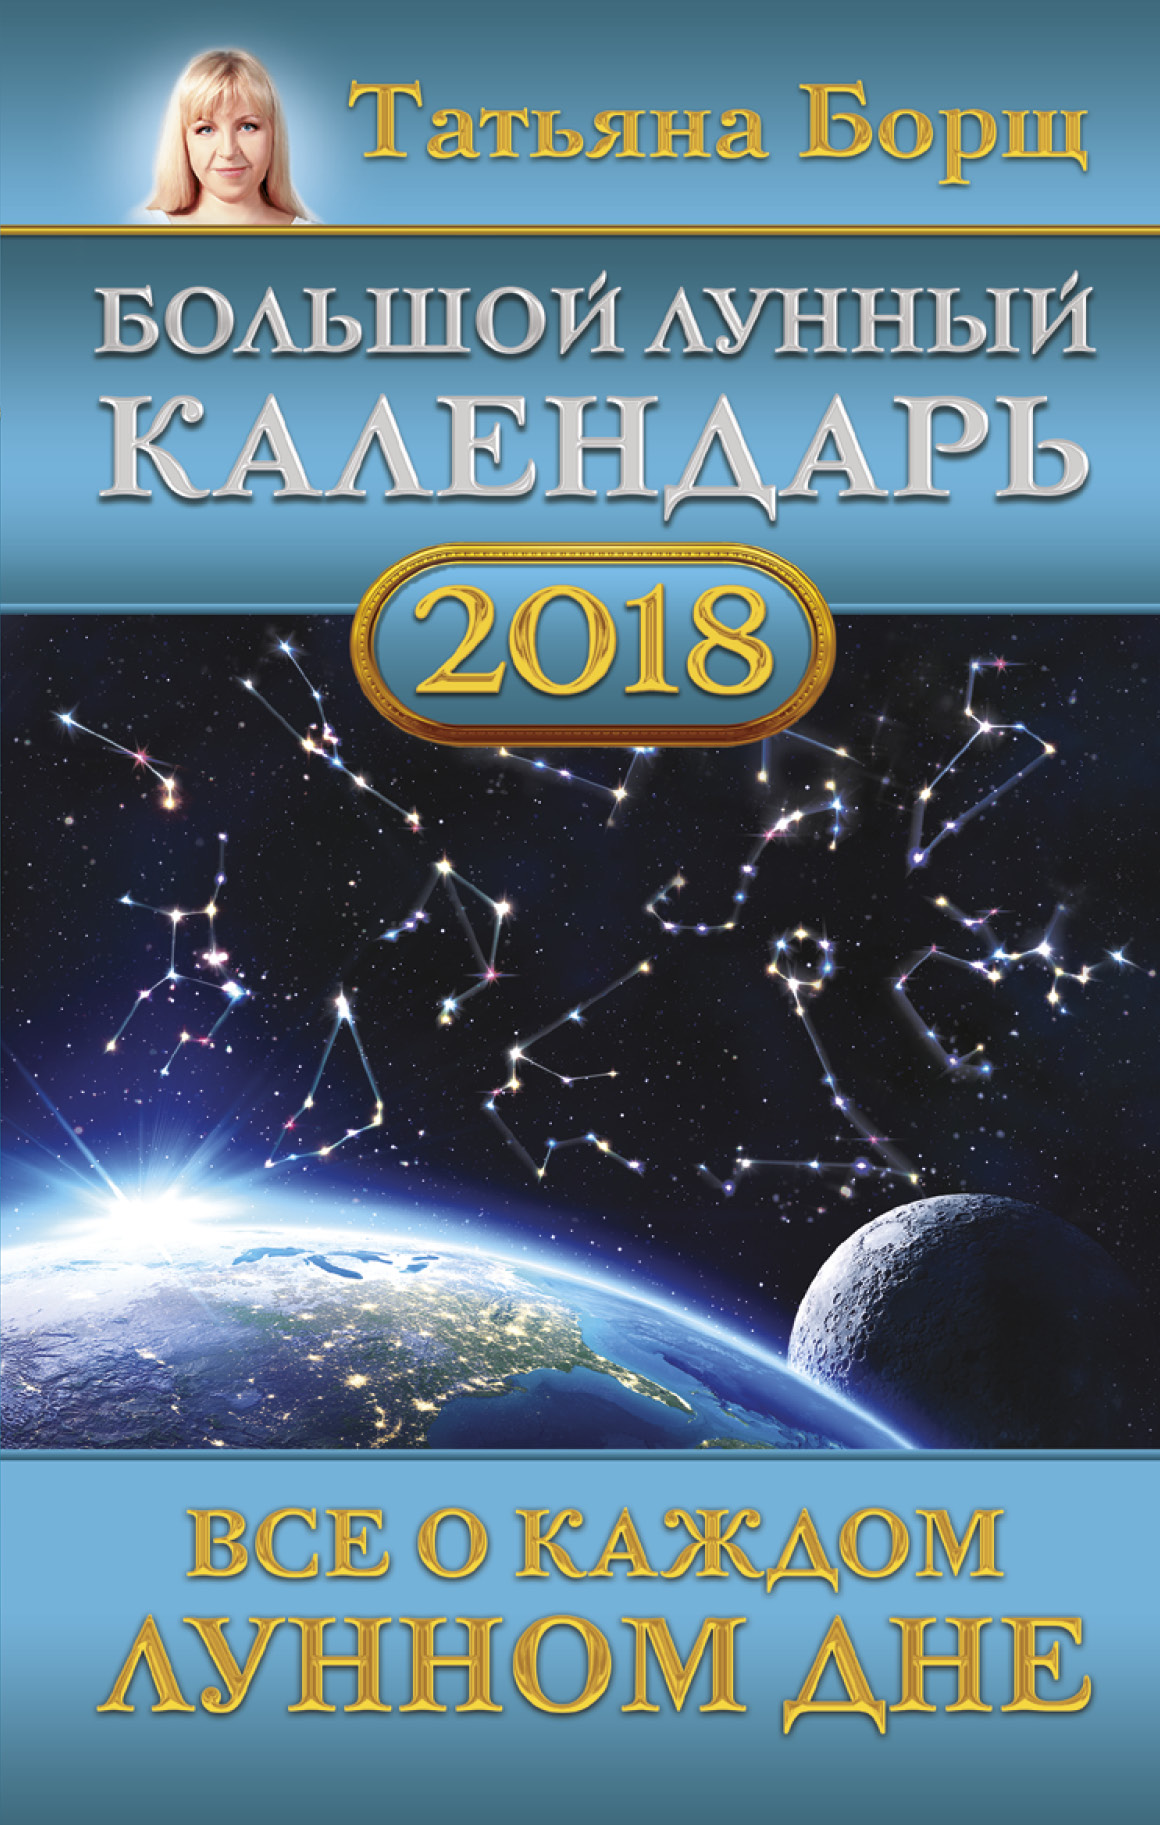 Татьяна Борщ Большой лунный календарь на 2018 год: все о каждом лунном дне